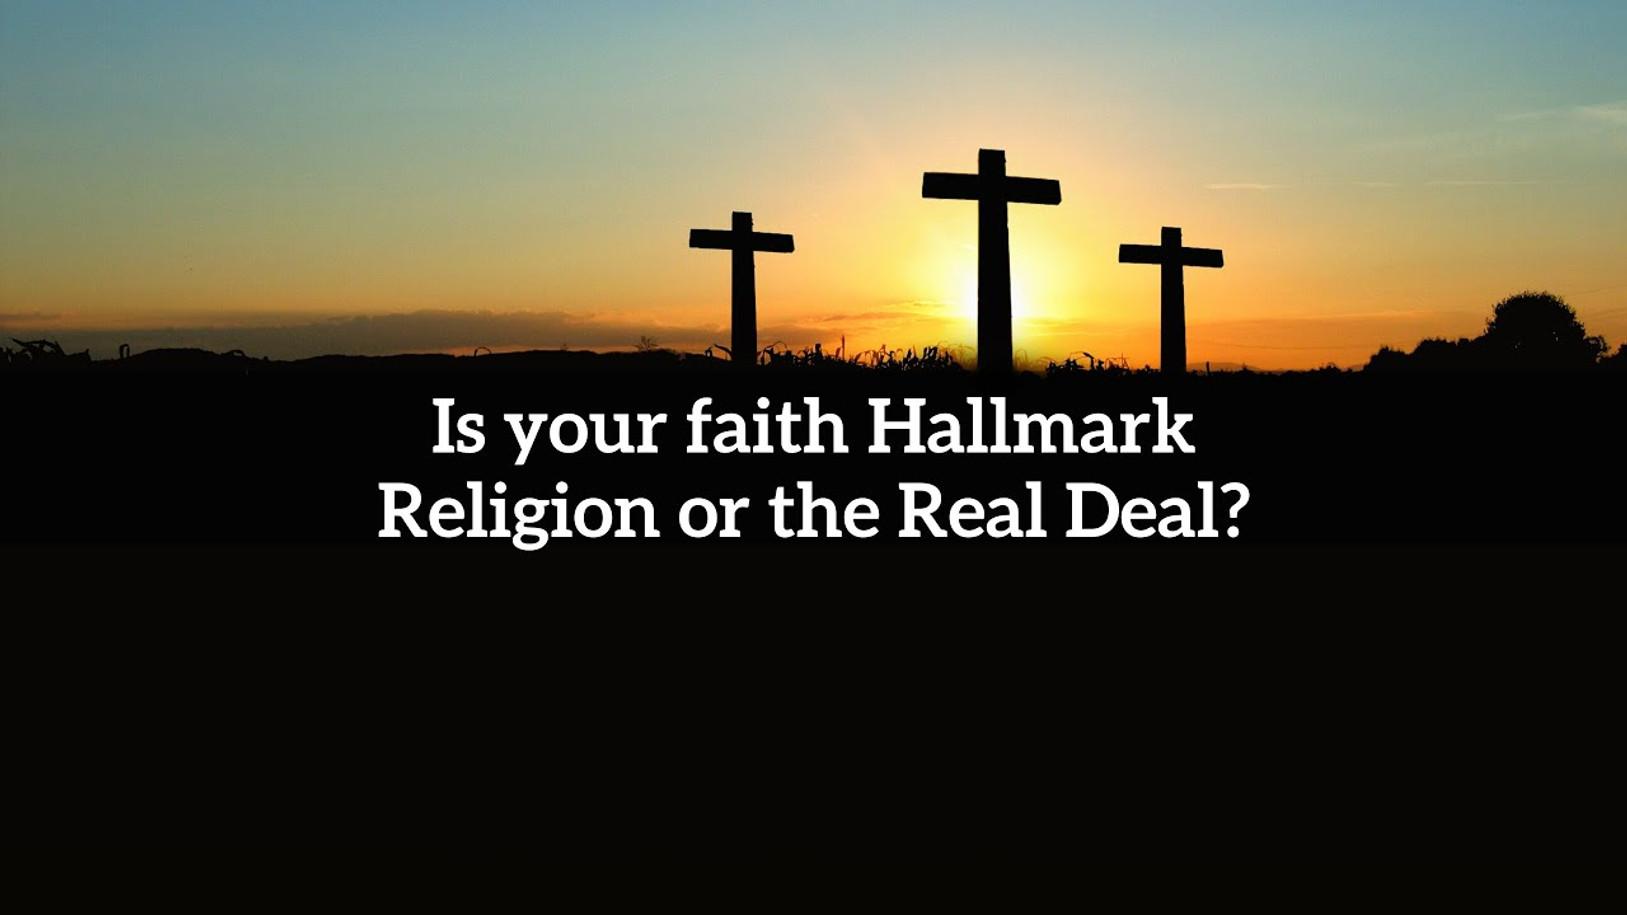 Is your faith Hallmark Religion or the Real Deal?